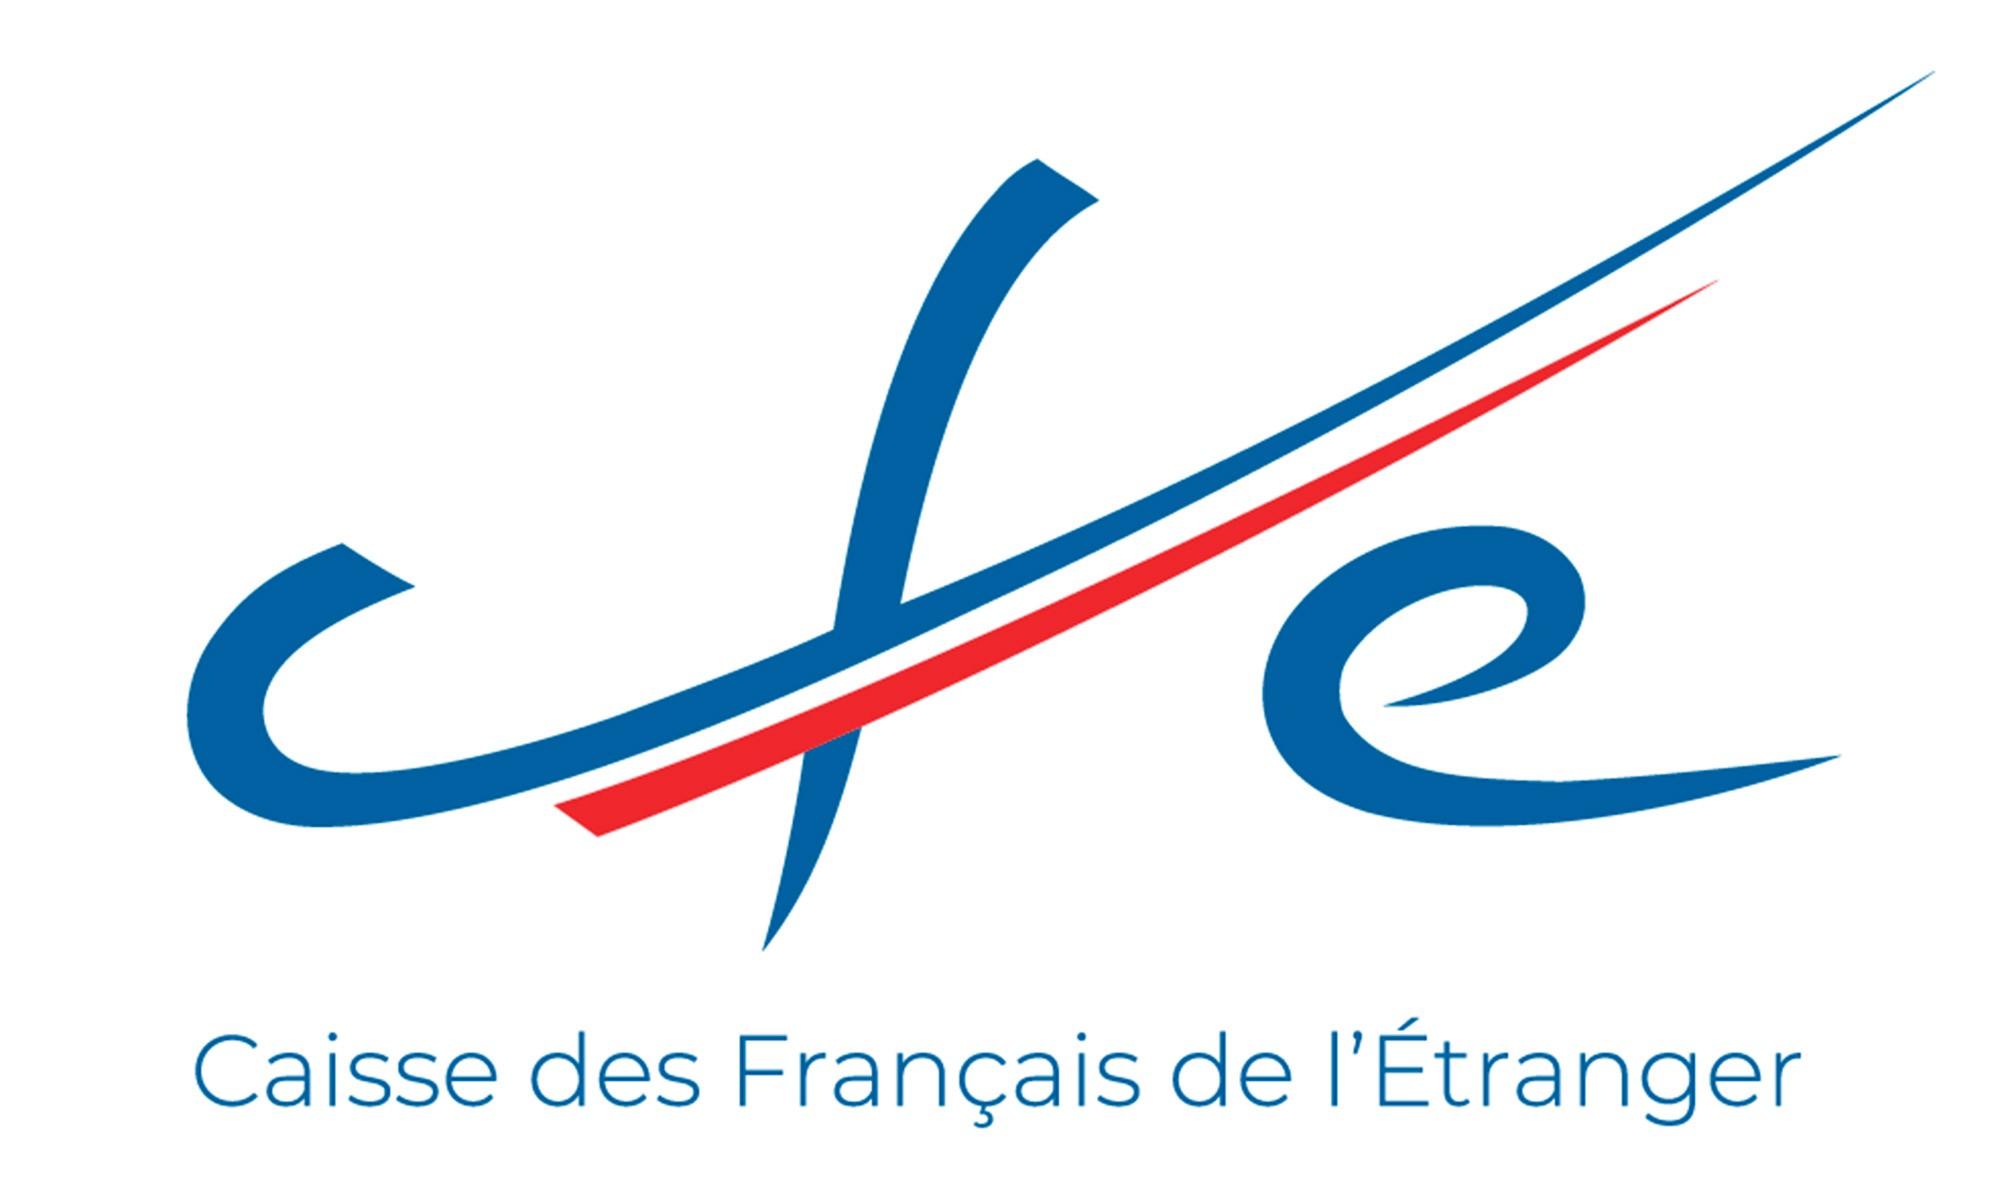 Élections des nouveaux membres du conseil d'administration de la caisse des Français de l'étranger : le sénateur Jean-Yves Leconte sonne l'alarme